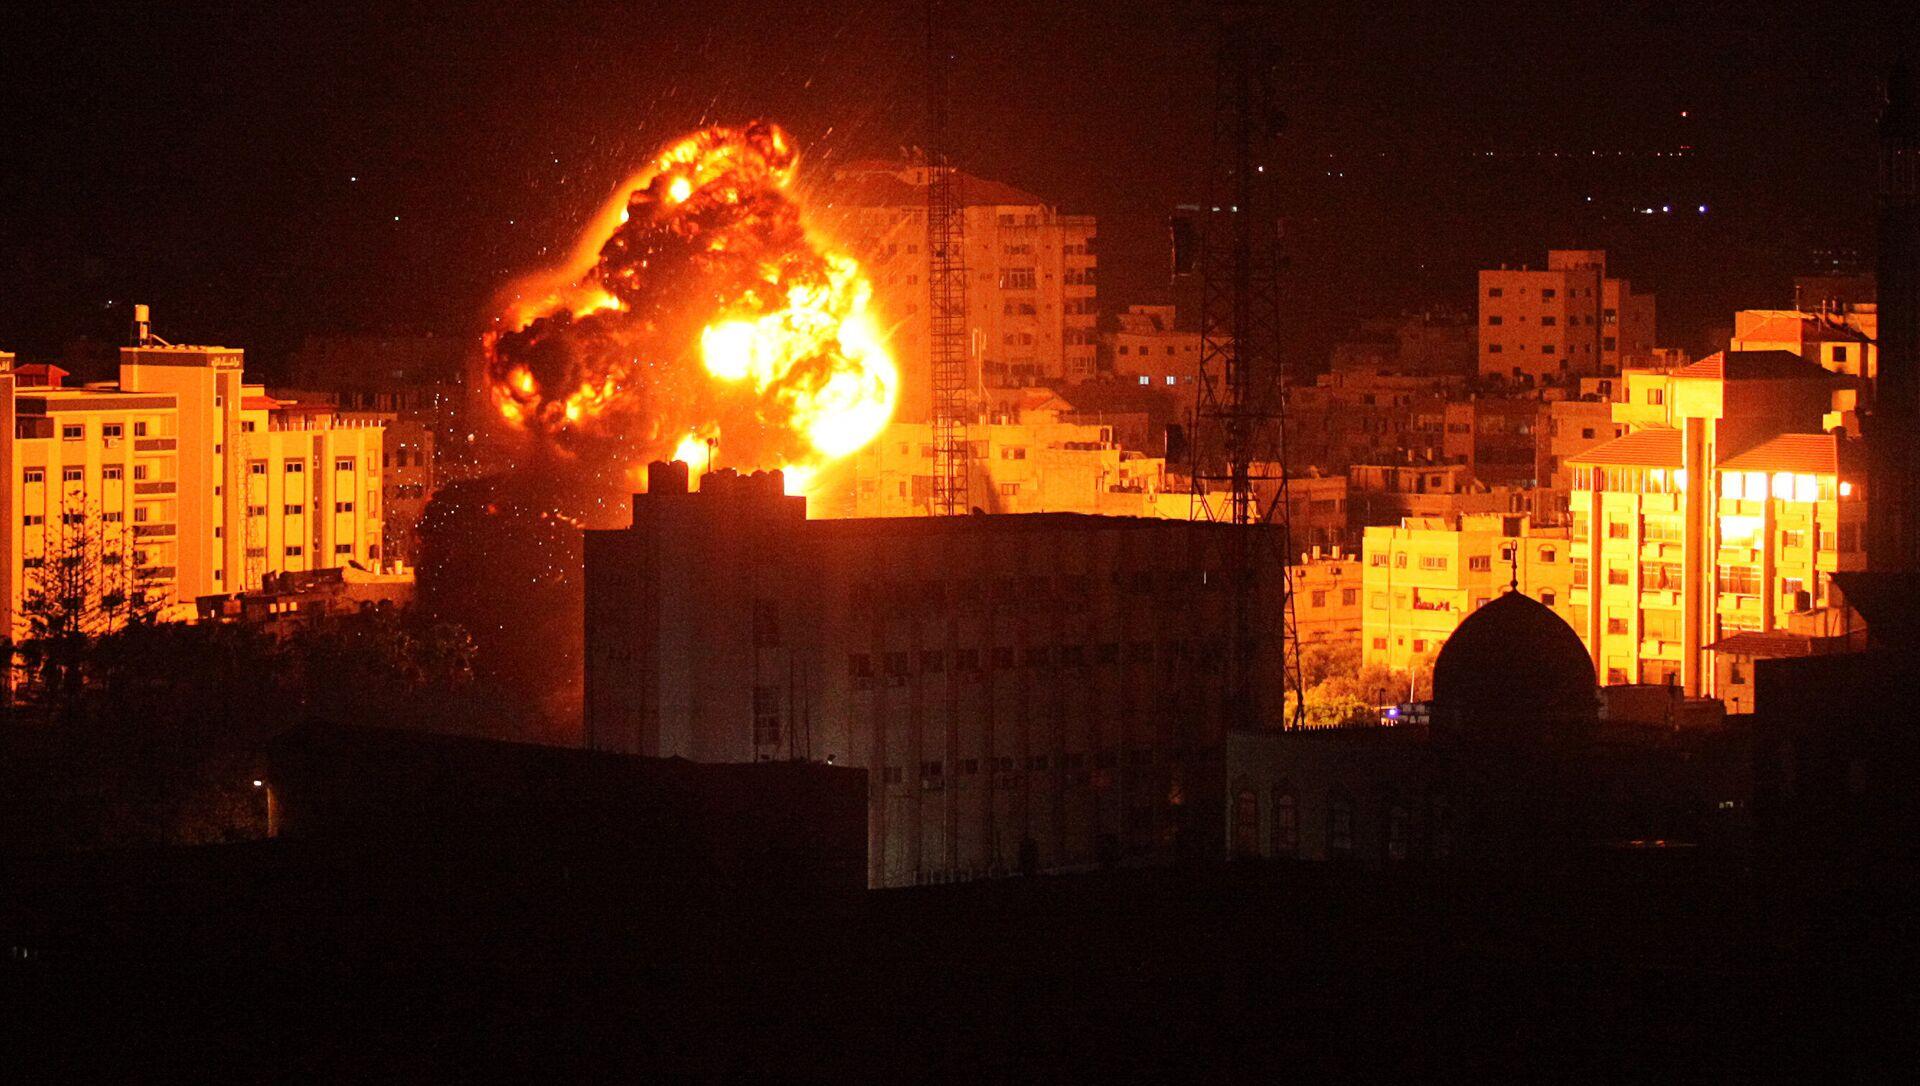 İsrail'in Gazze'ye saldırısı - Sputnik Türkiye, 1920, 20.05.2021